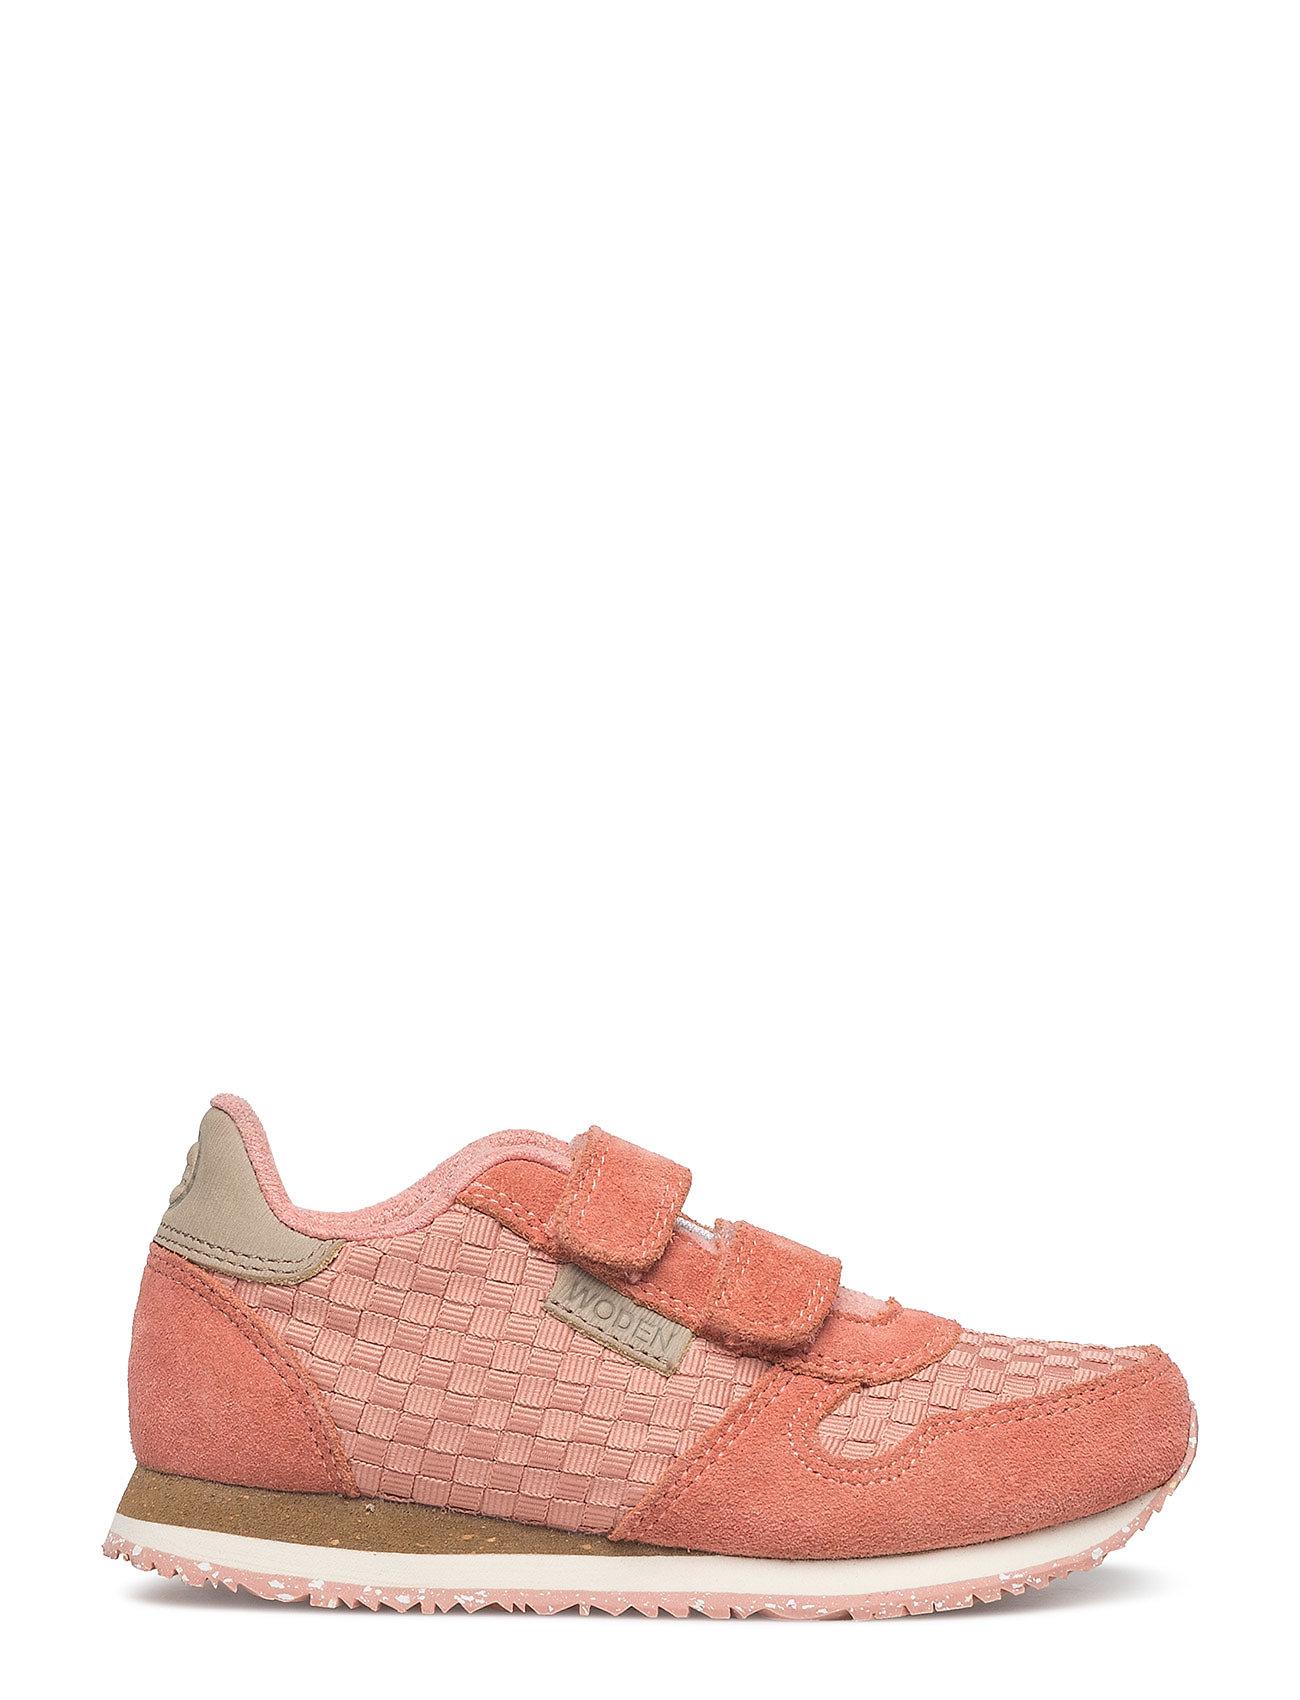 Køb Ydun sneakers Sko til Kvinder i størrelse 7 Online